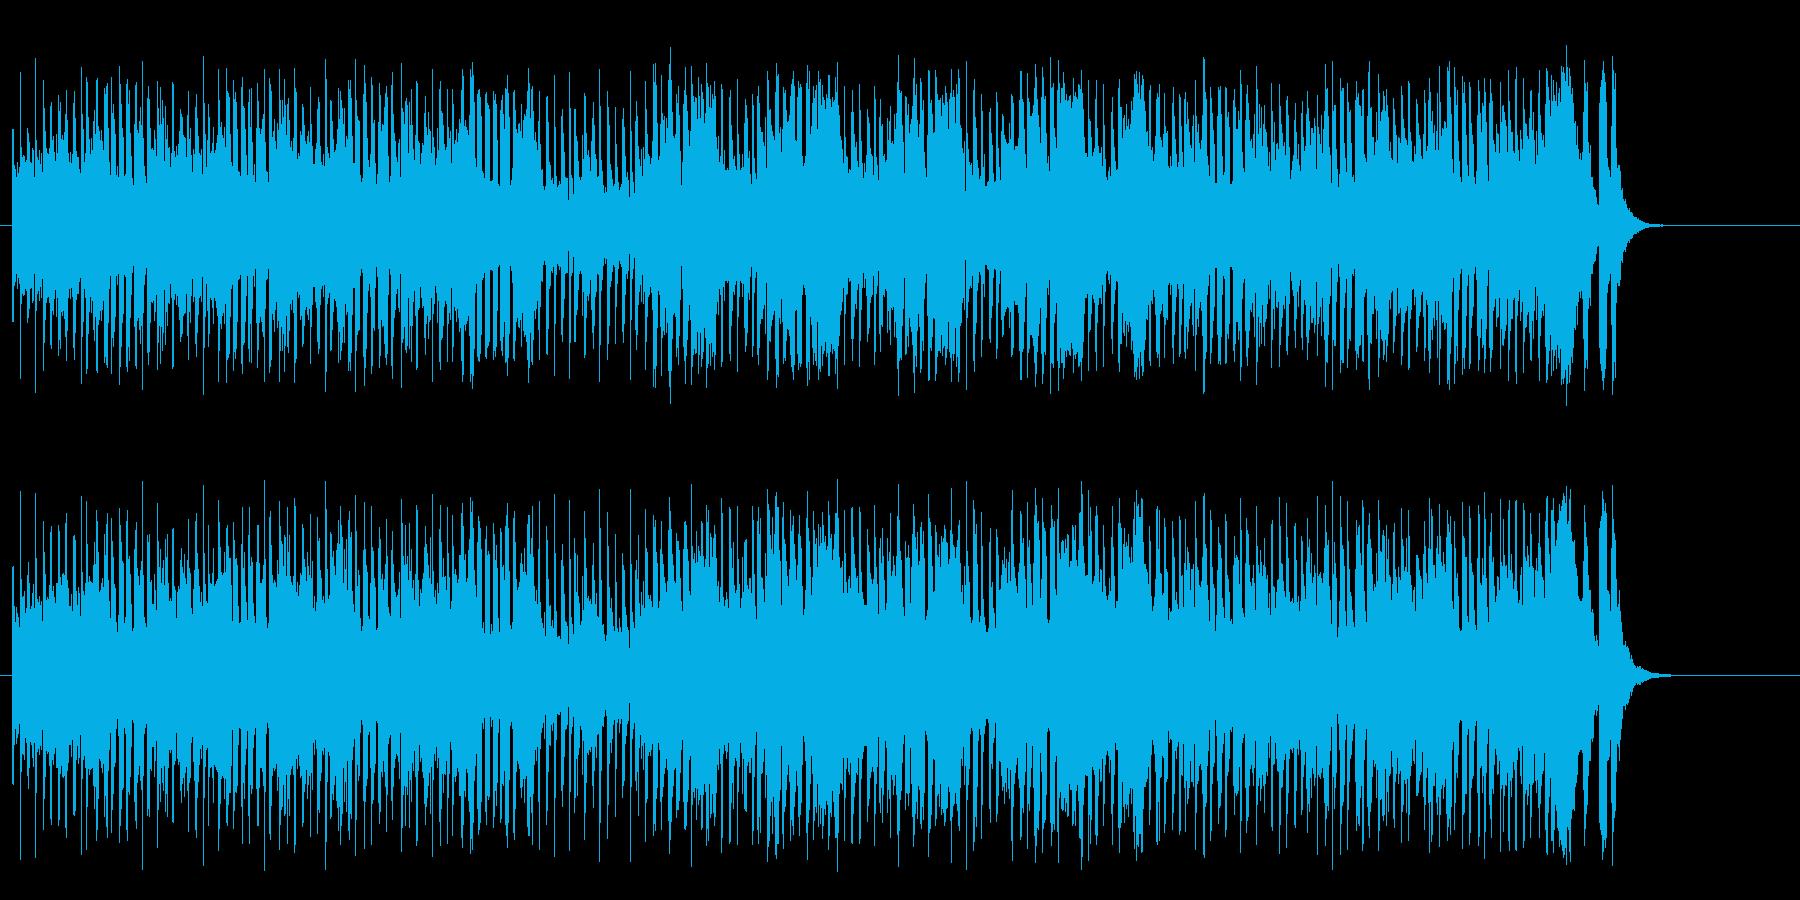 ヴギ・ウギのダンサブルなマイナーポップスの再生済みの波形